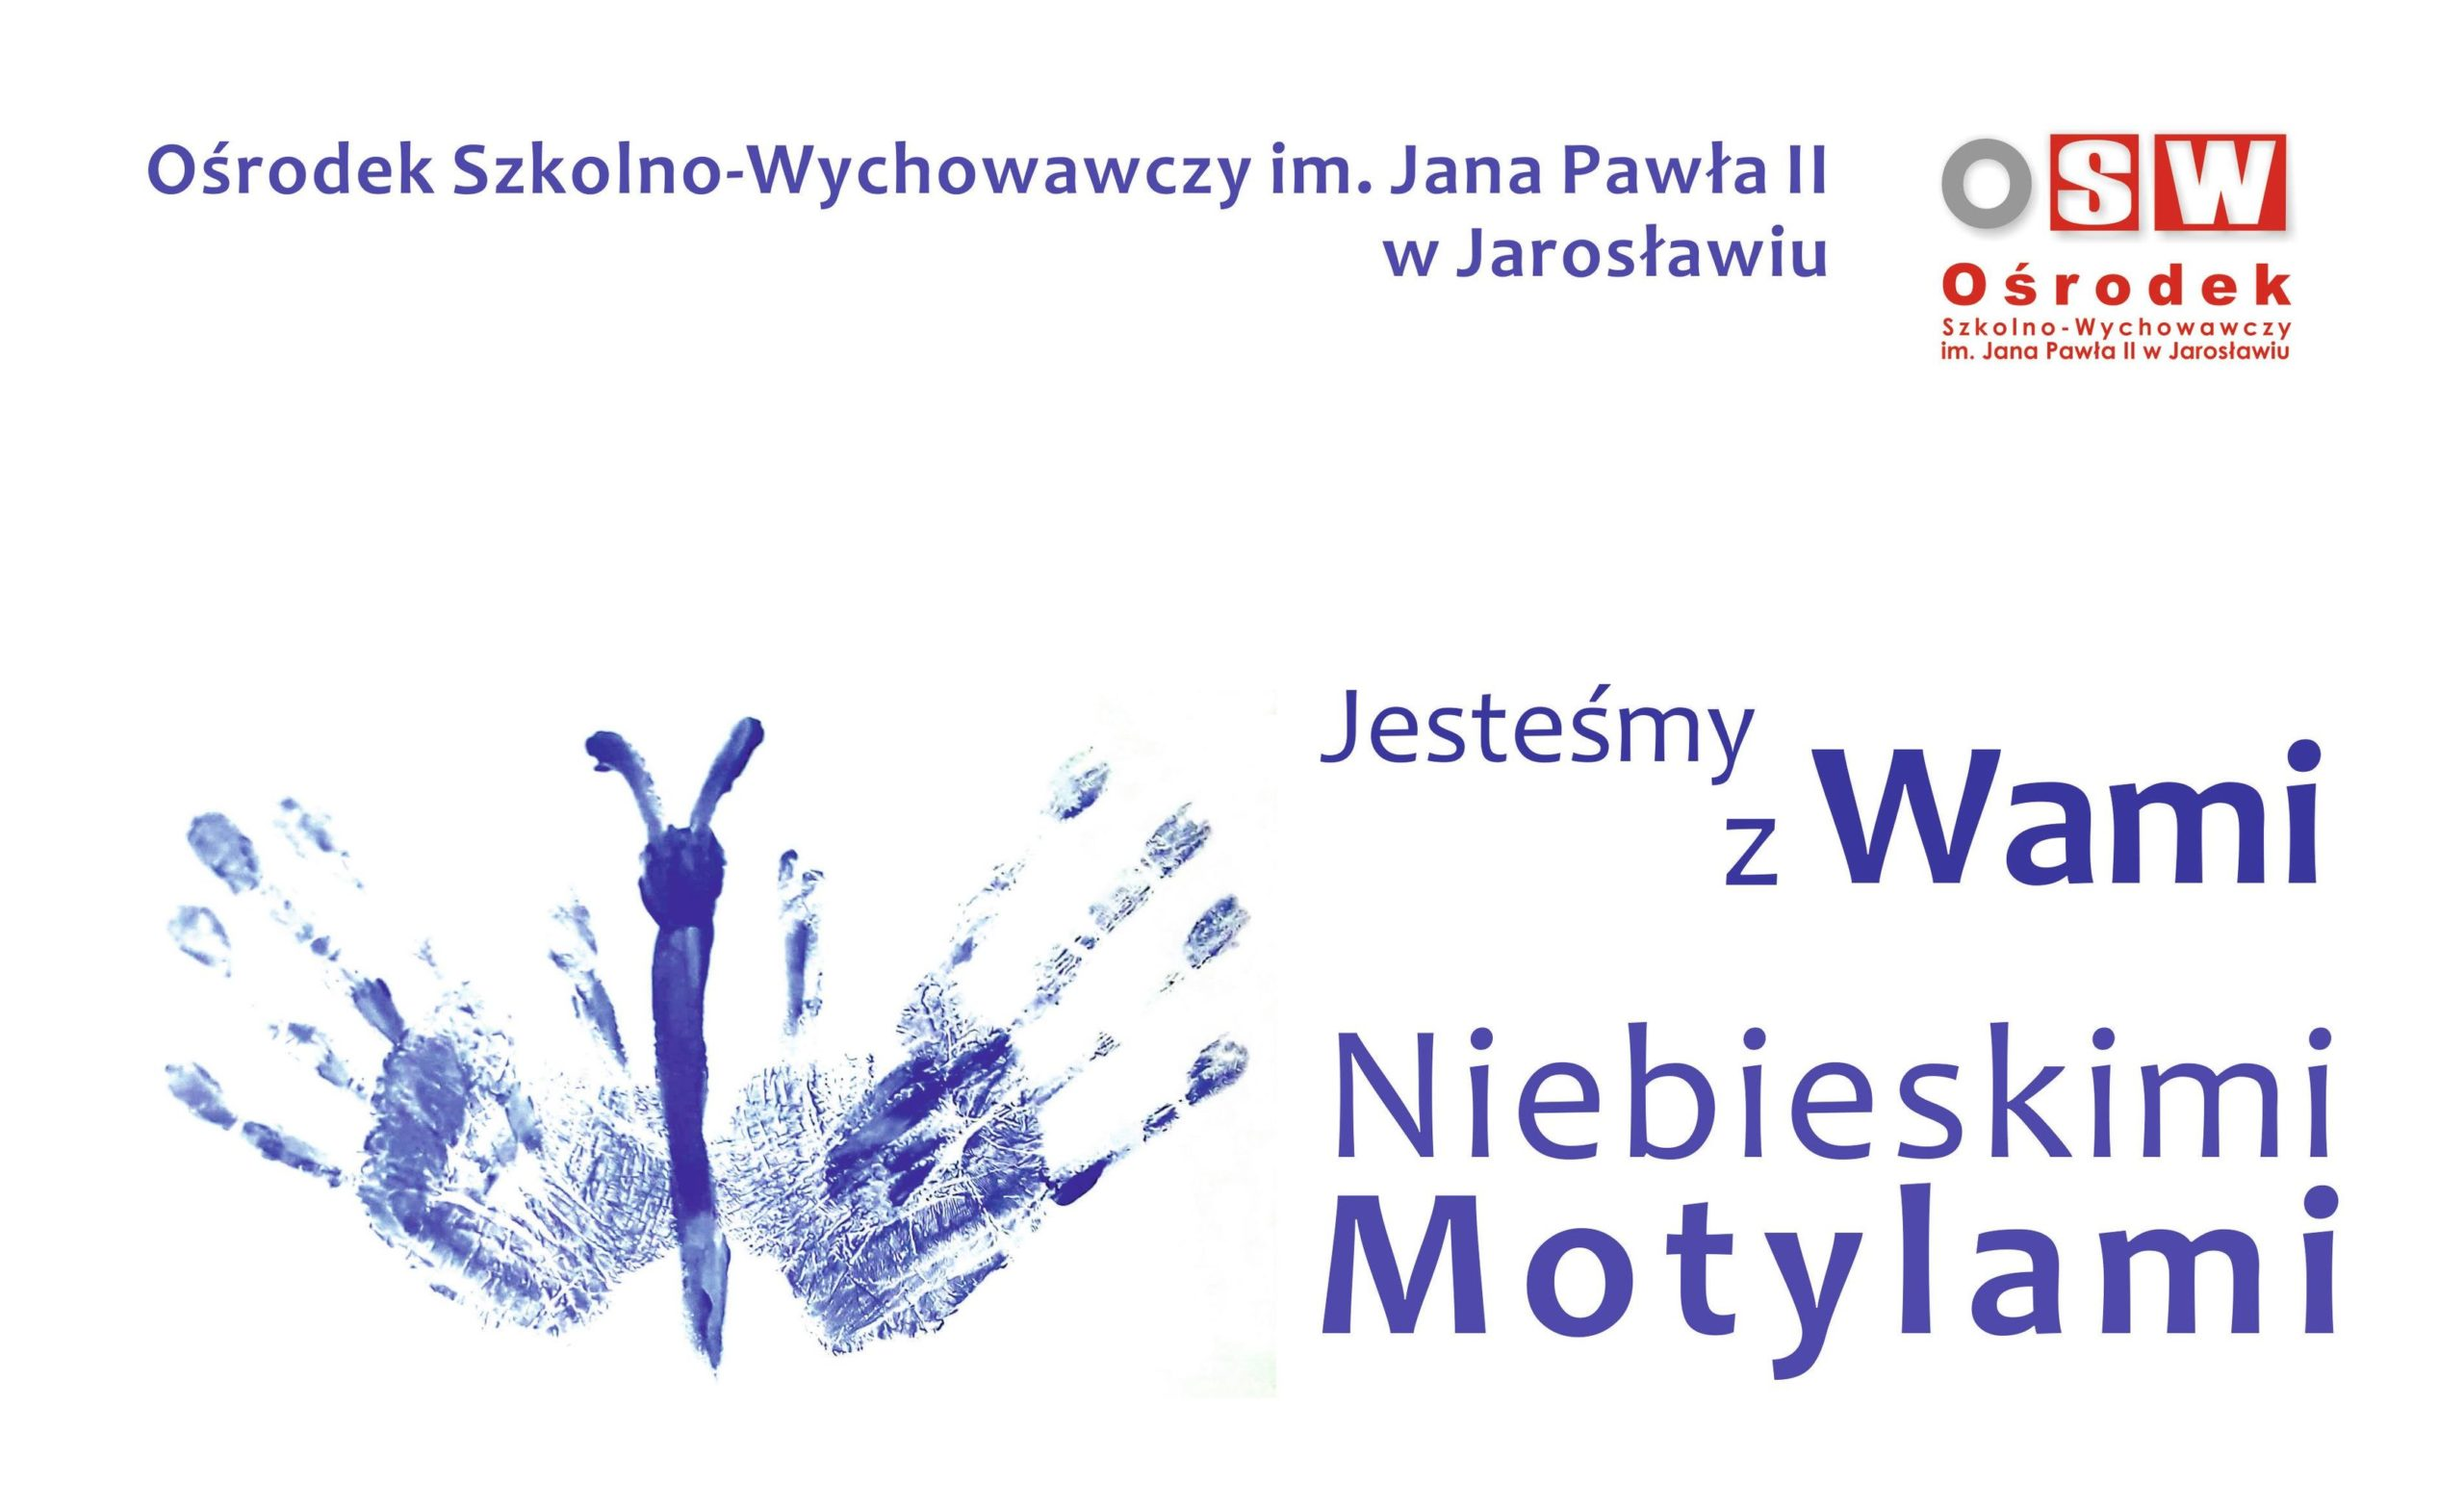 #challengeniebieskiemotyle2021